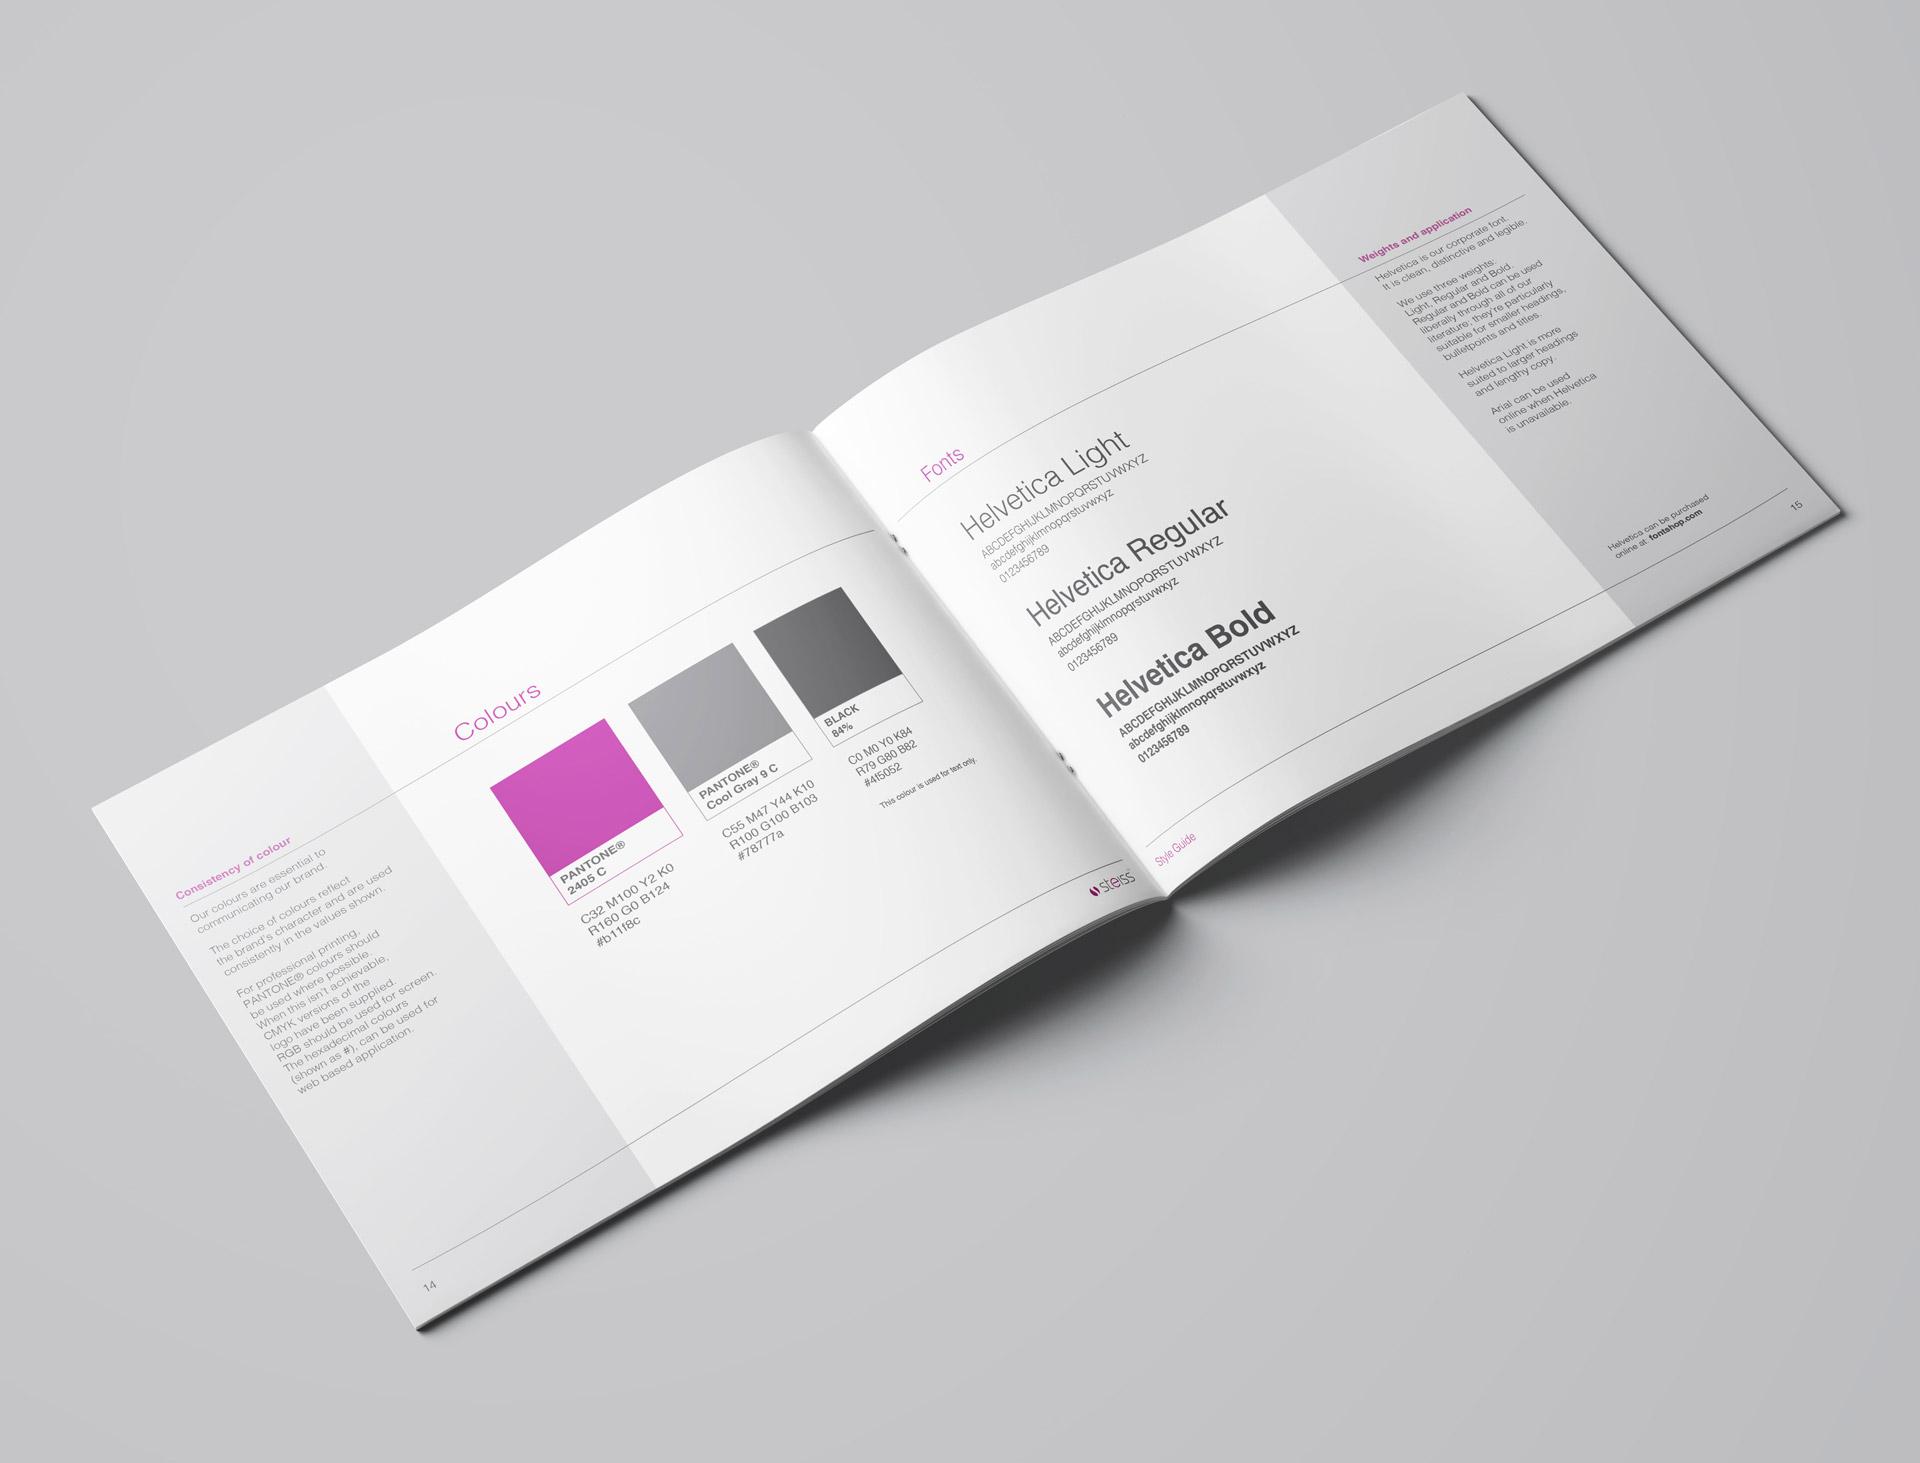 Steiss Brand Guide Inner